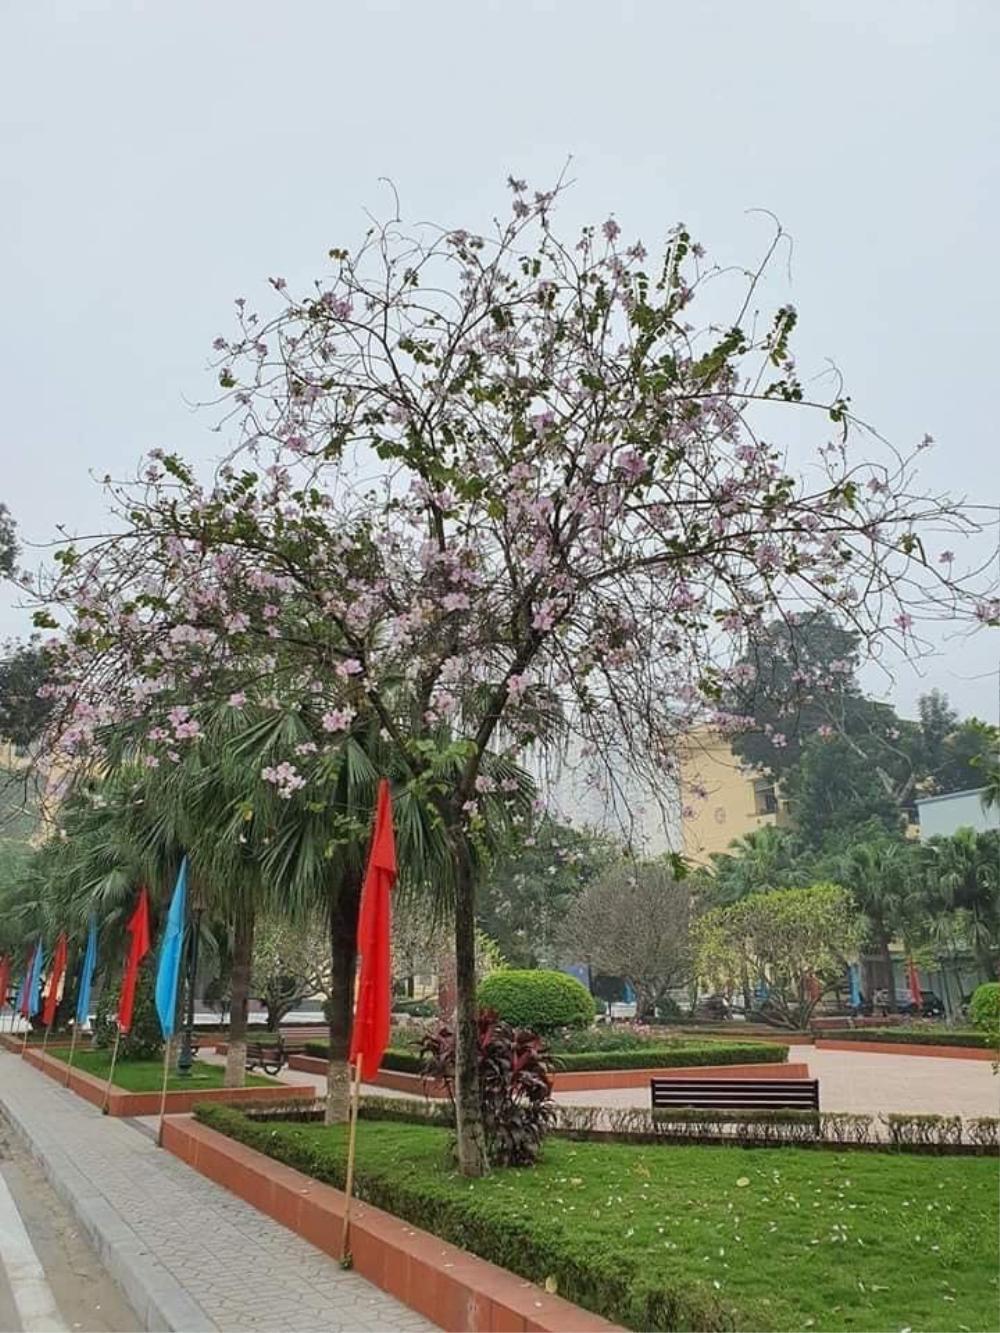 Tháng 2 này, đẹp nao lòng với ngôi trường ở Hà Nội nở rộ sắc tím hoa ban Ảnh 8